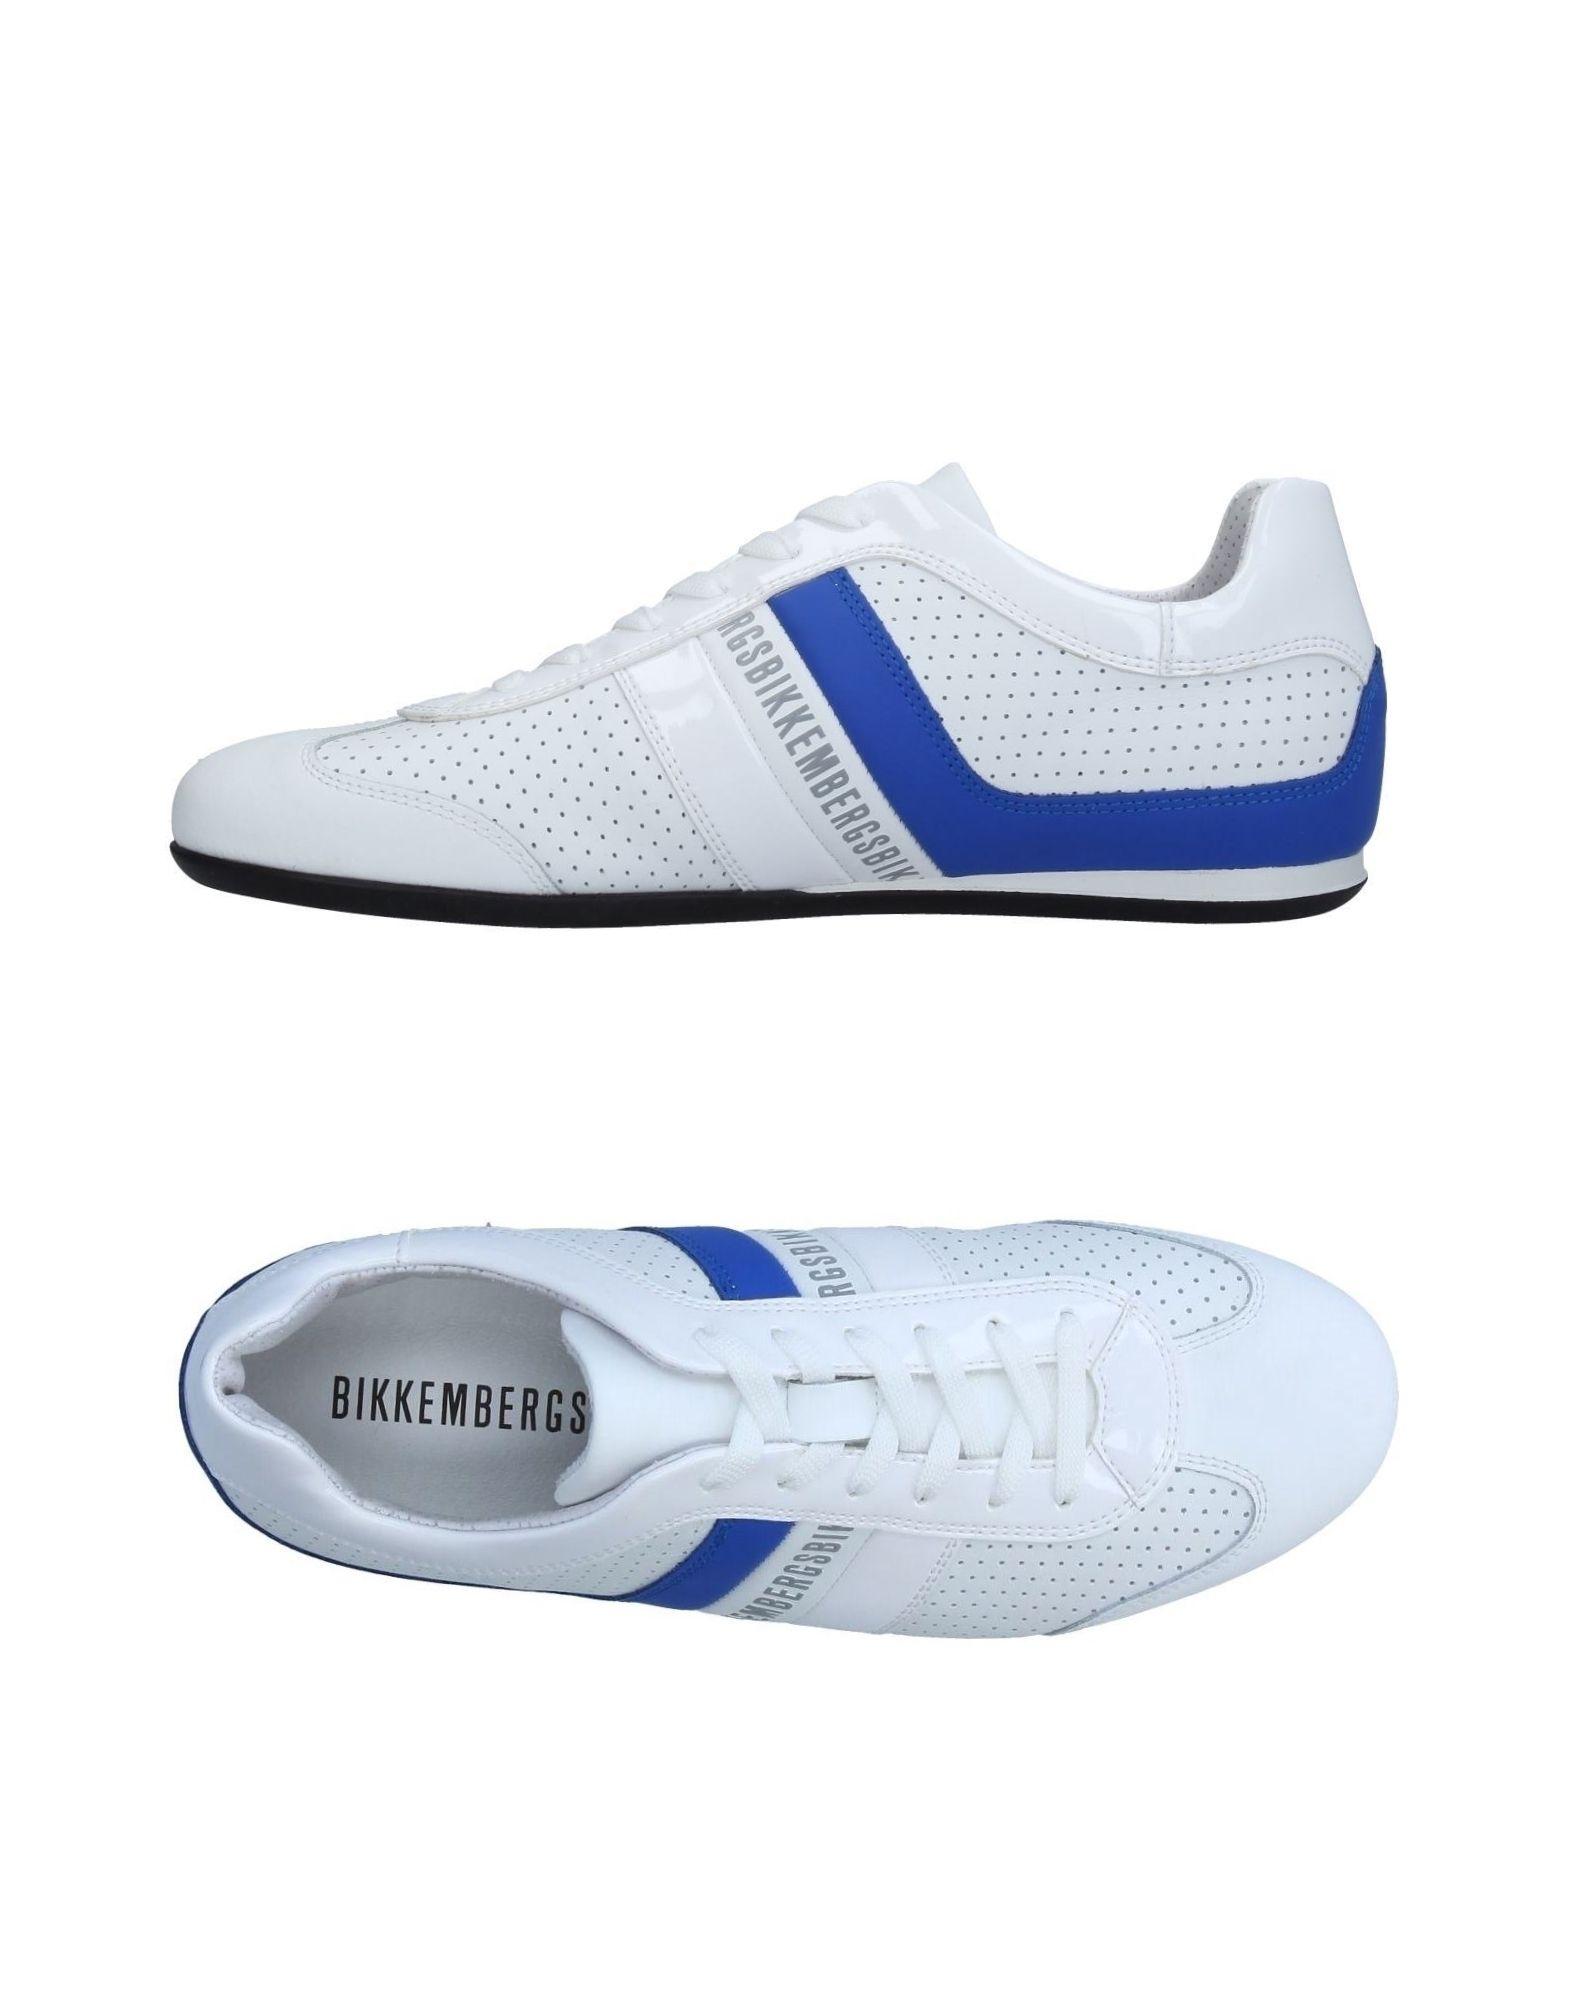 Bikkembergs Sneakers Herren  11332130WW Gute Qualität beliebte Schuhe